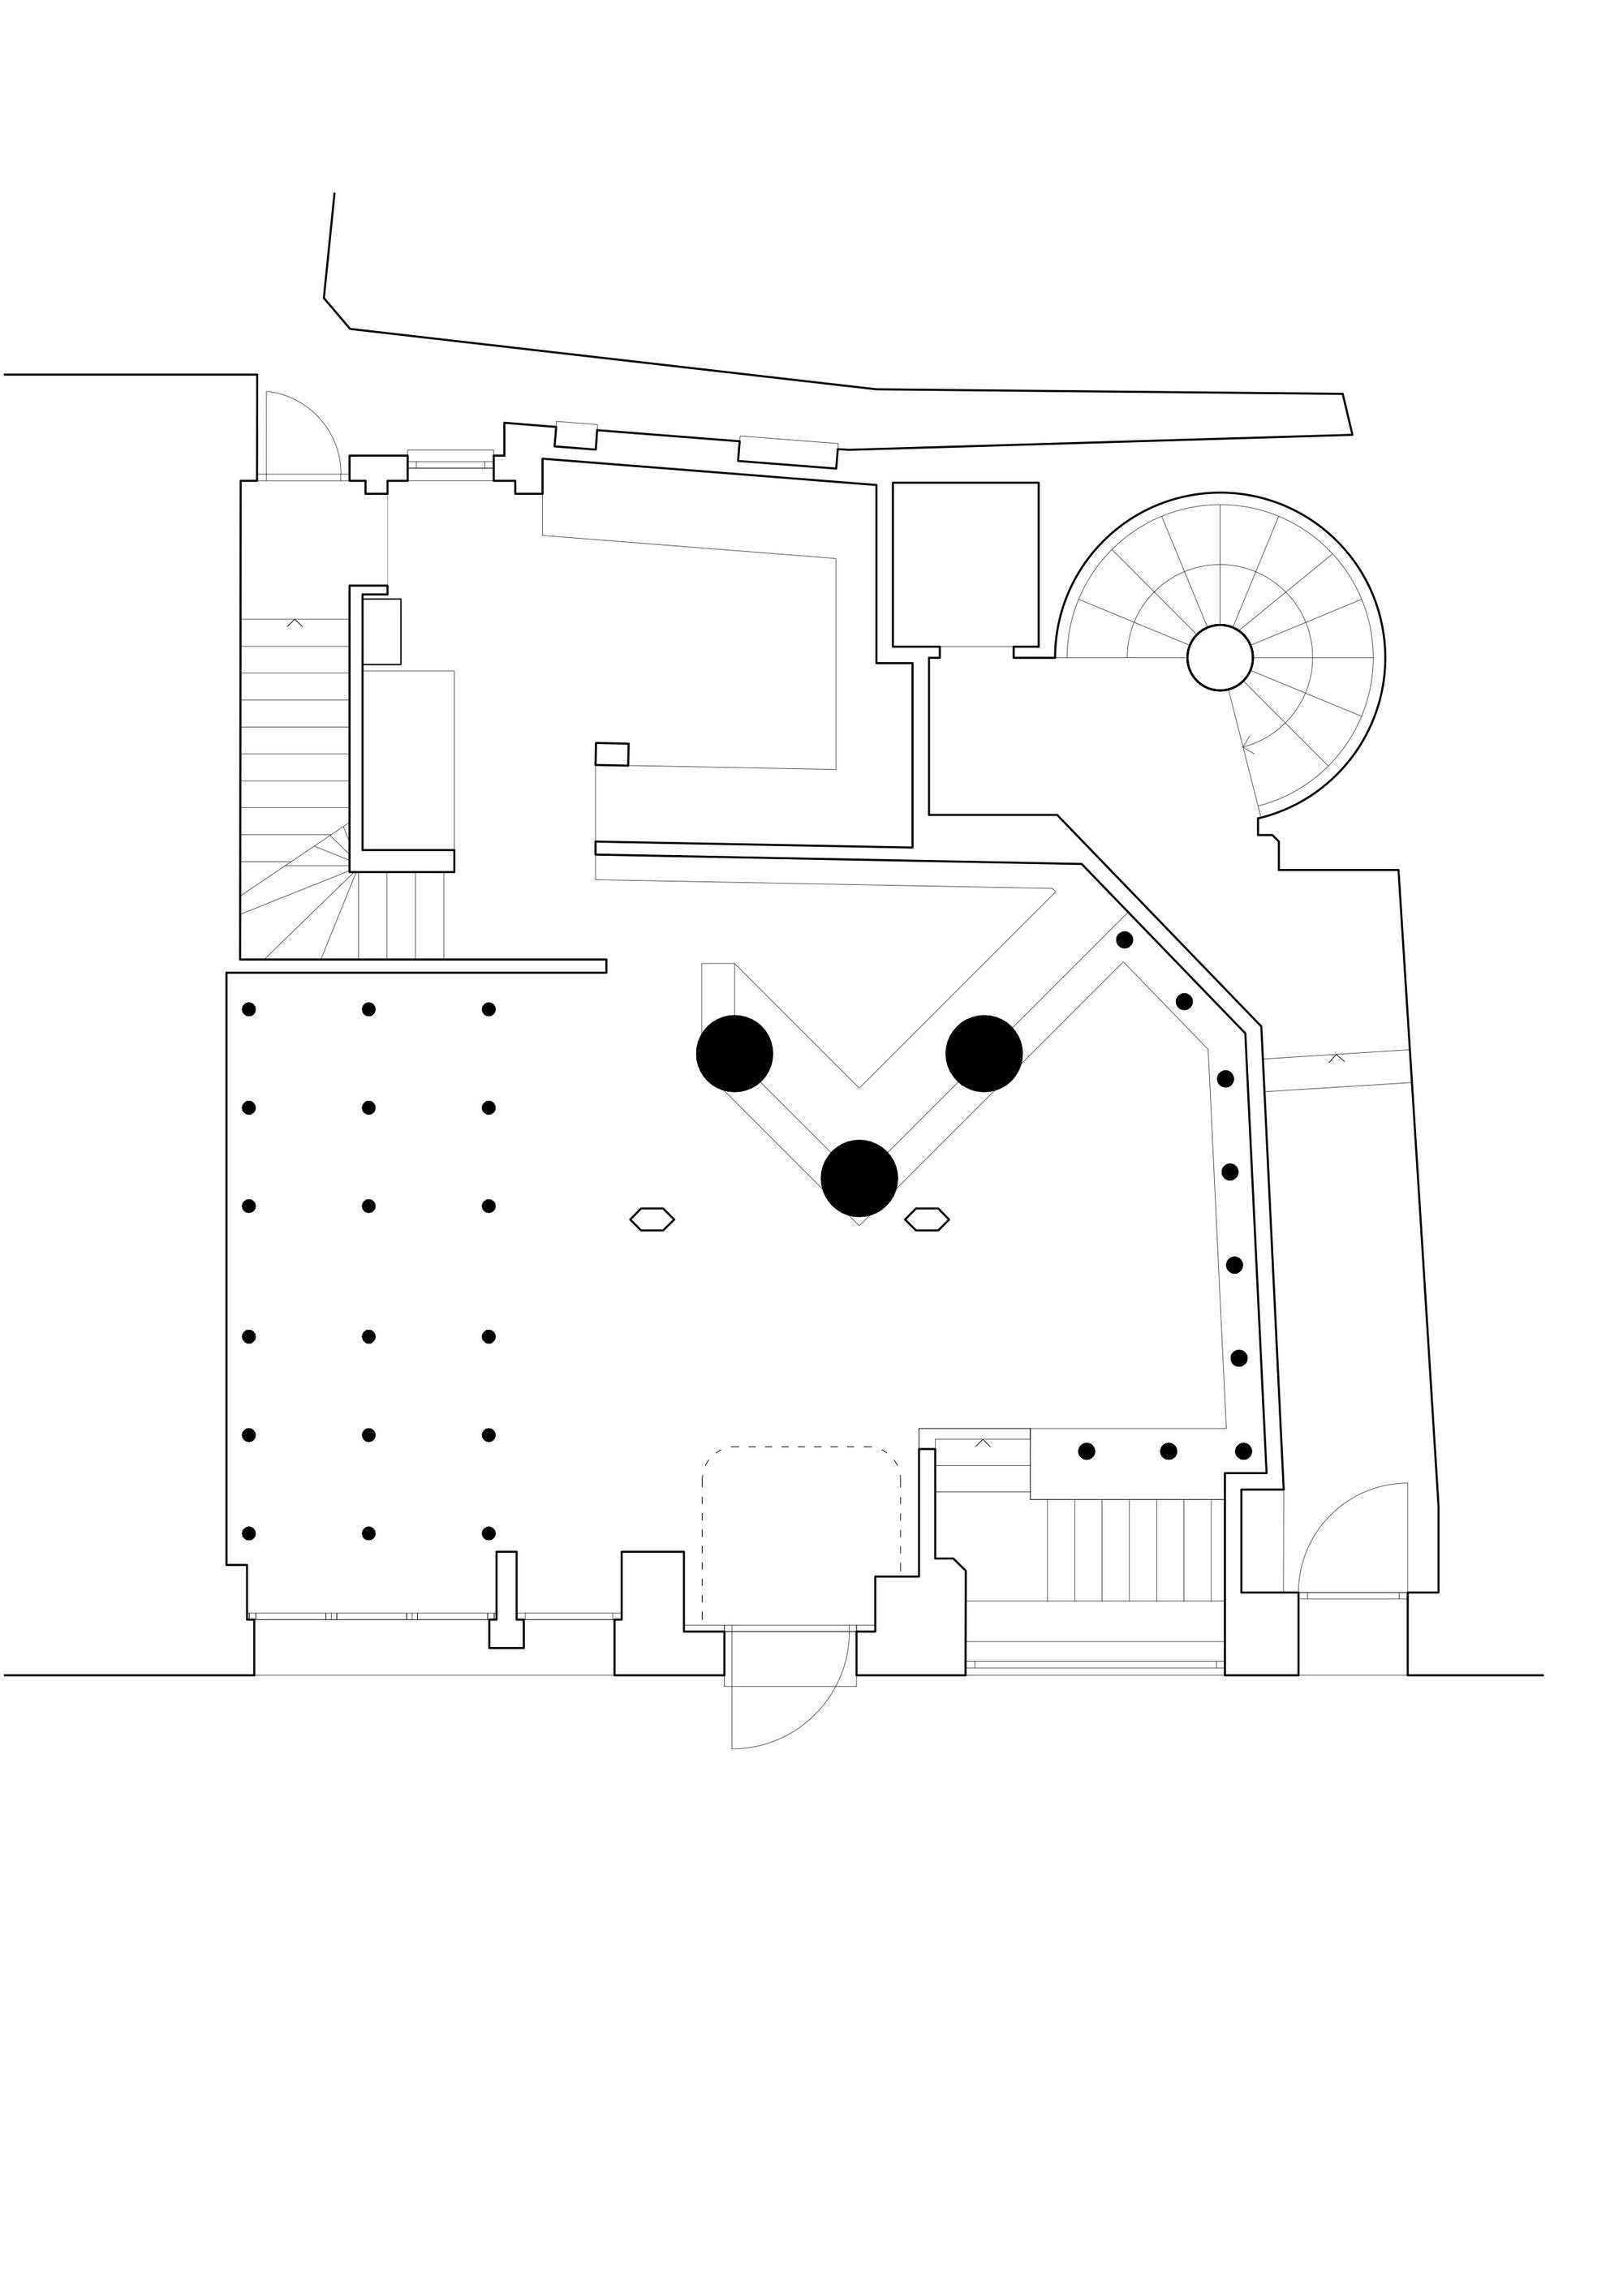 gallery of zinnengasse restaurant wuelser bechtel architekten 33zoom image view original size